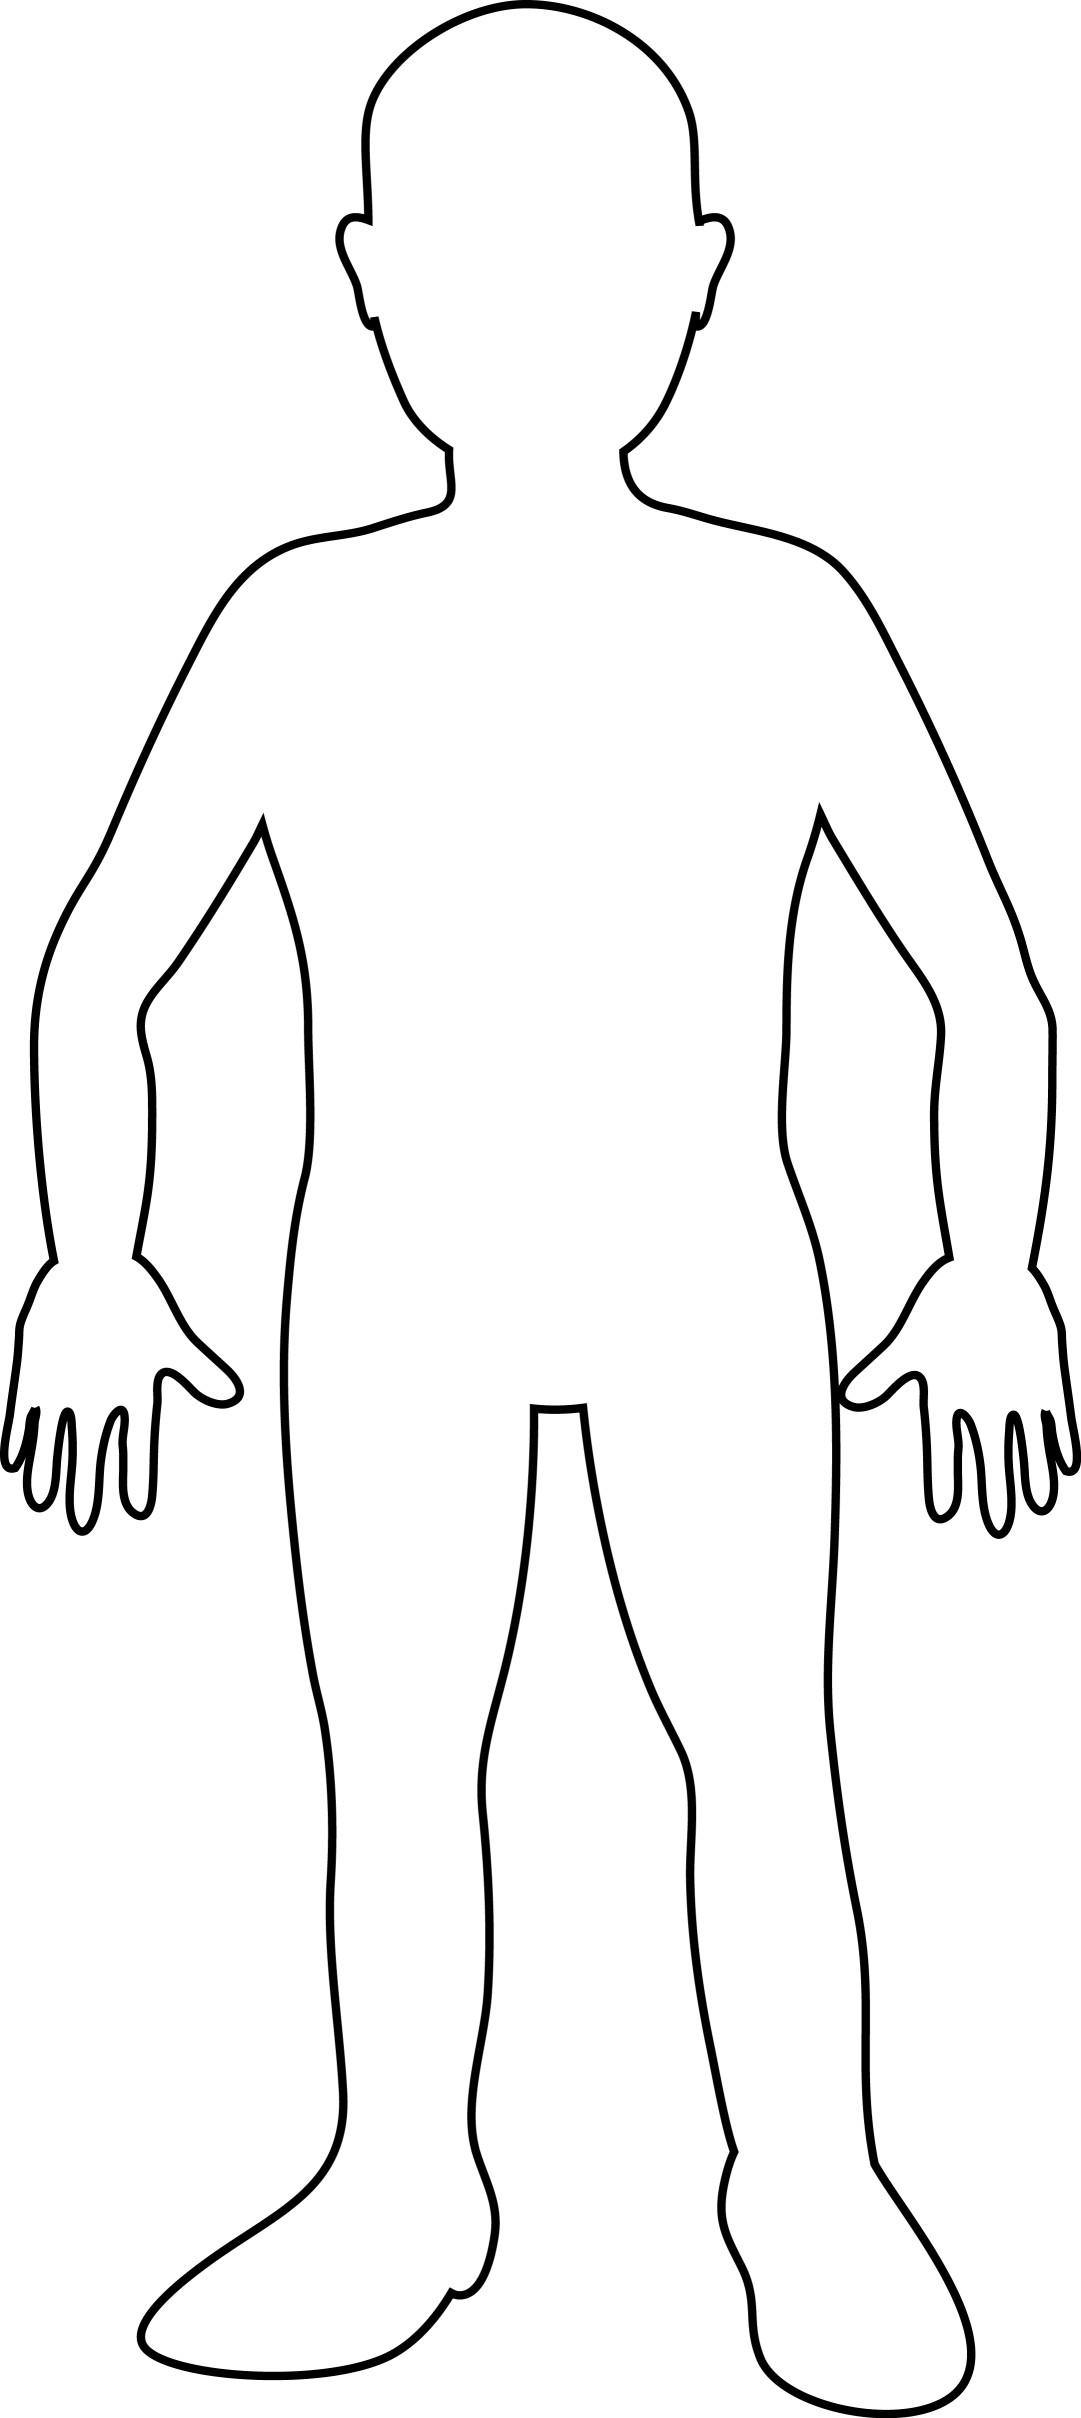 Man Outline